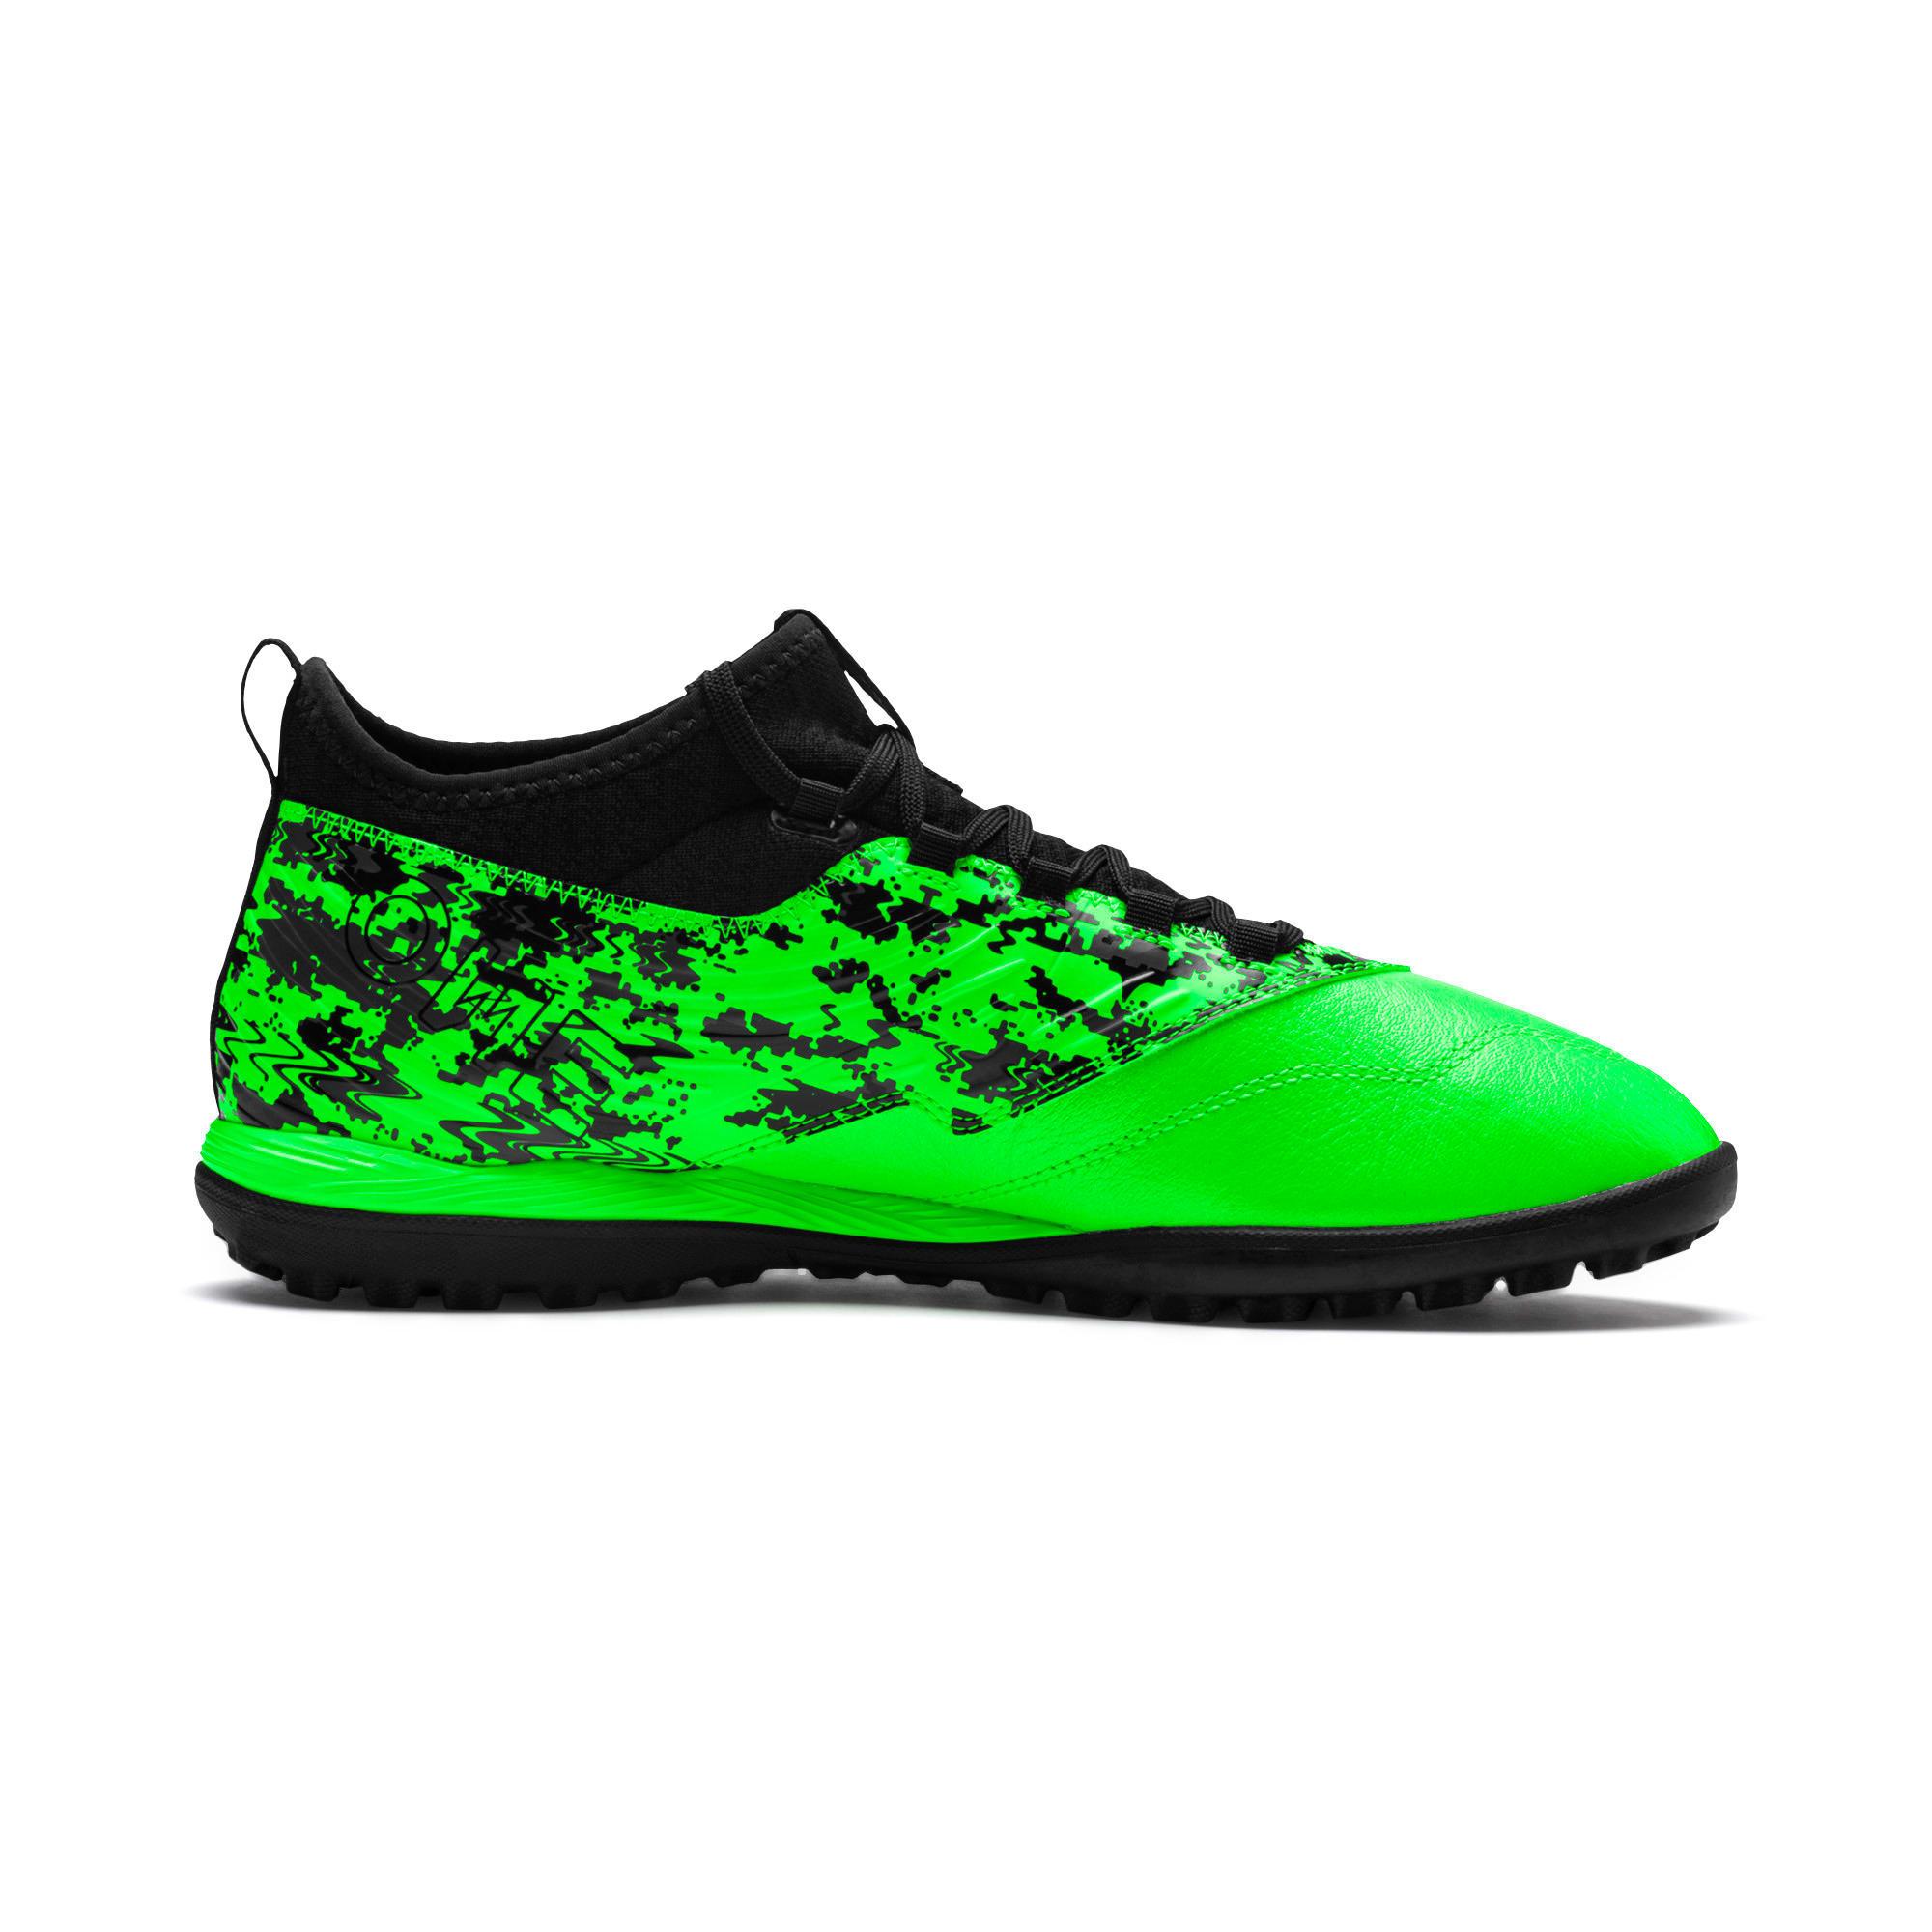 Miniatura 5 de Zapatos de fútbol PUMA ONE 19.3 TT para hombre, Green Gecko-Black-Gray, mediano